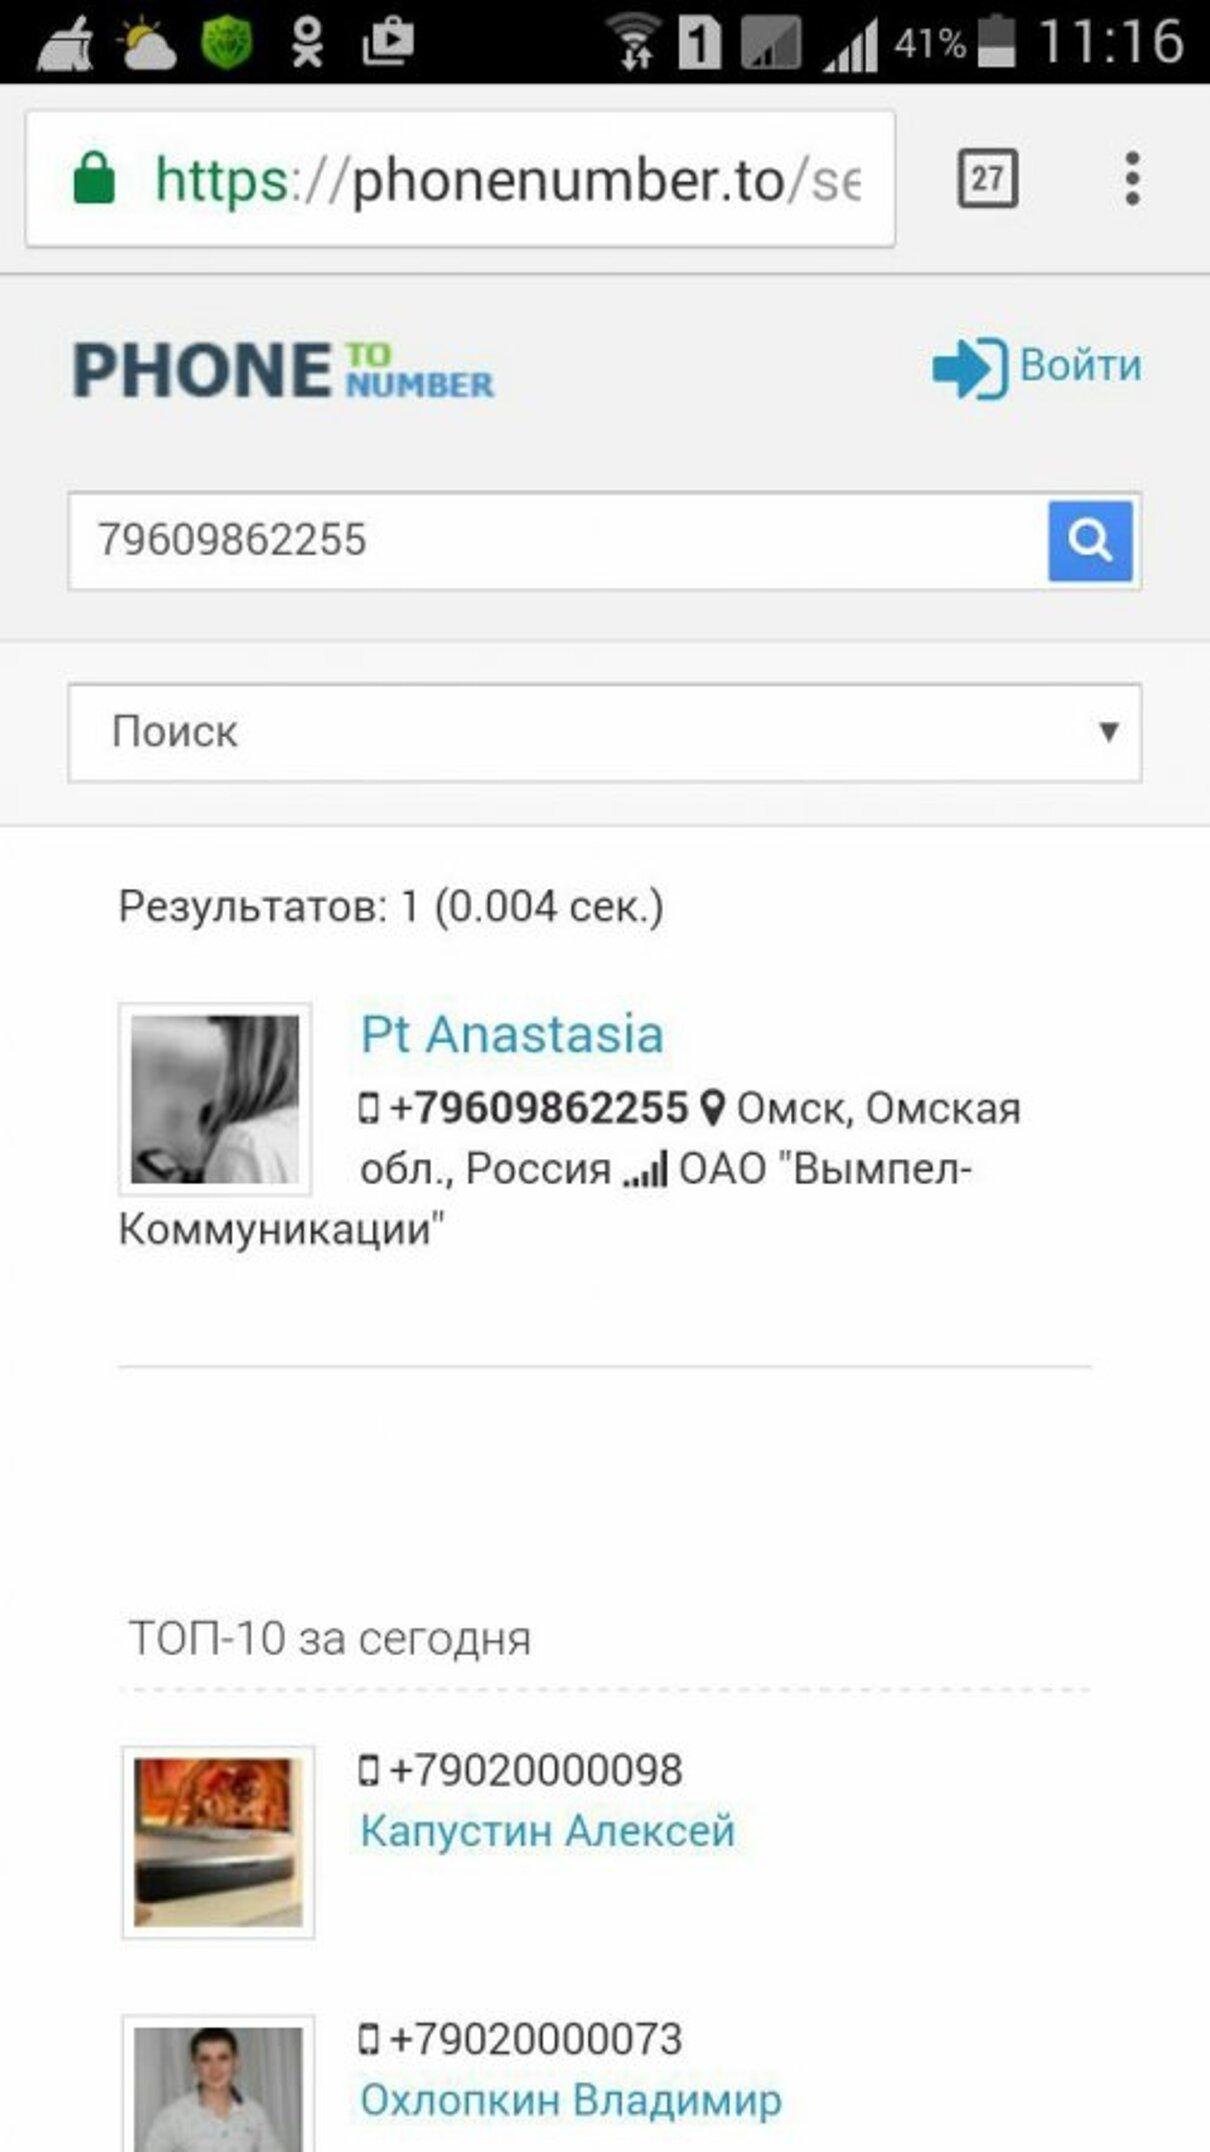 Жалоба-отзыв: Https://phonenumber.onl - Незаконное размещение моих персональных данных.  Фото №1